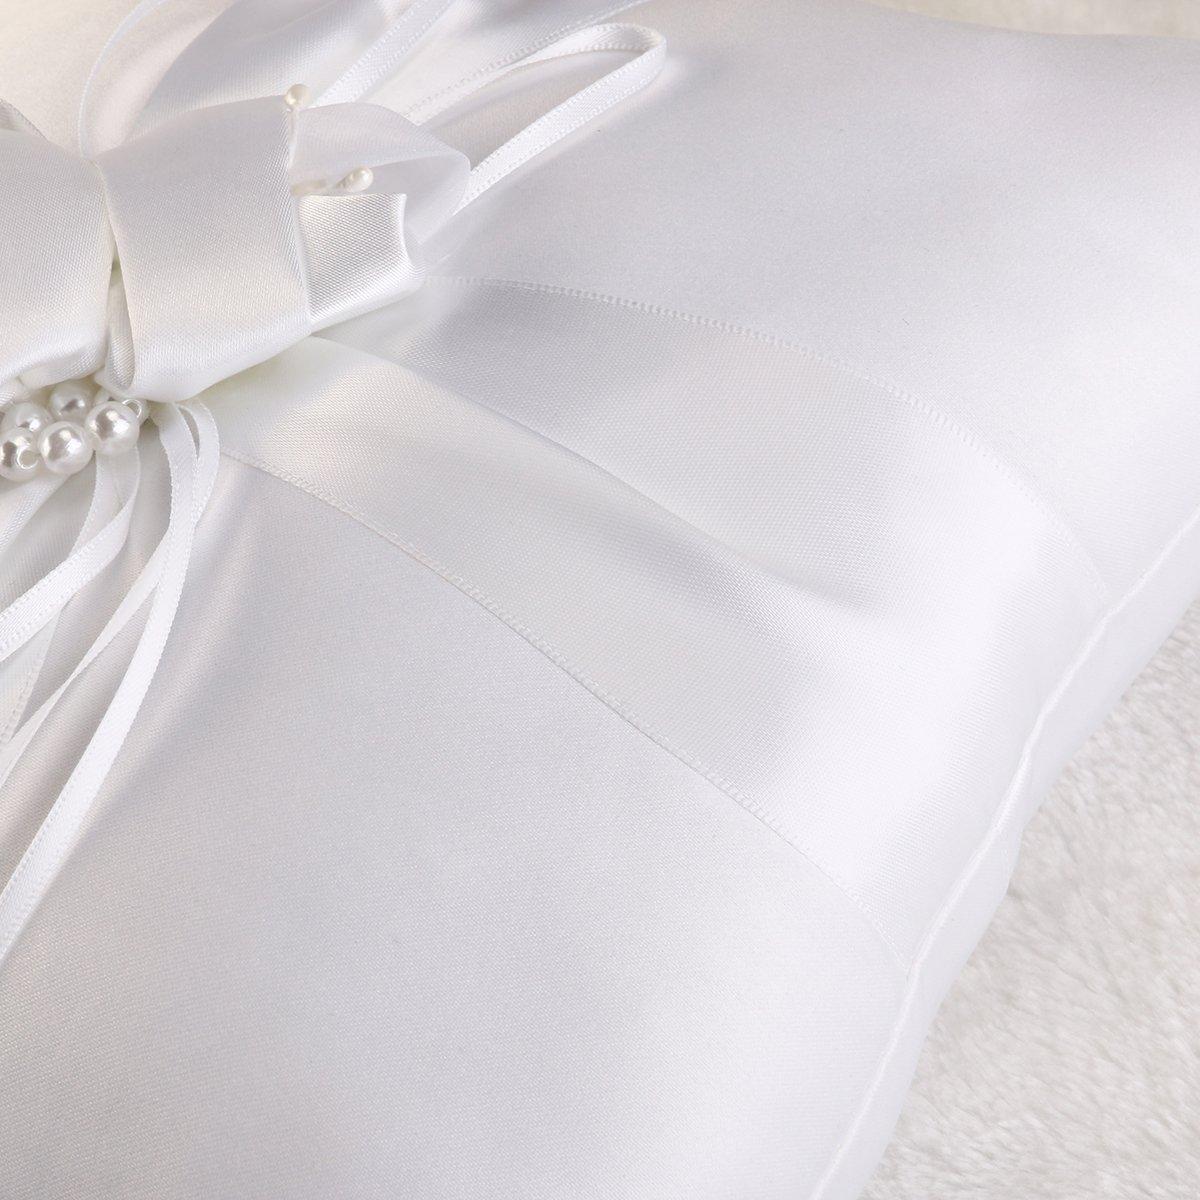 blanc pur Tinksky Bague de mariage romantique oreiller nuptiale anneau porteur oreiller coussin avec des rubans de perles 25x25cm